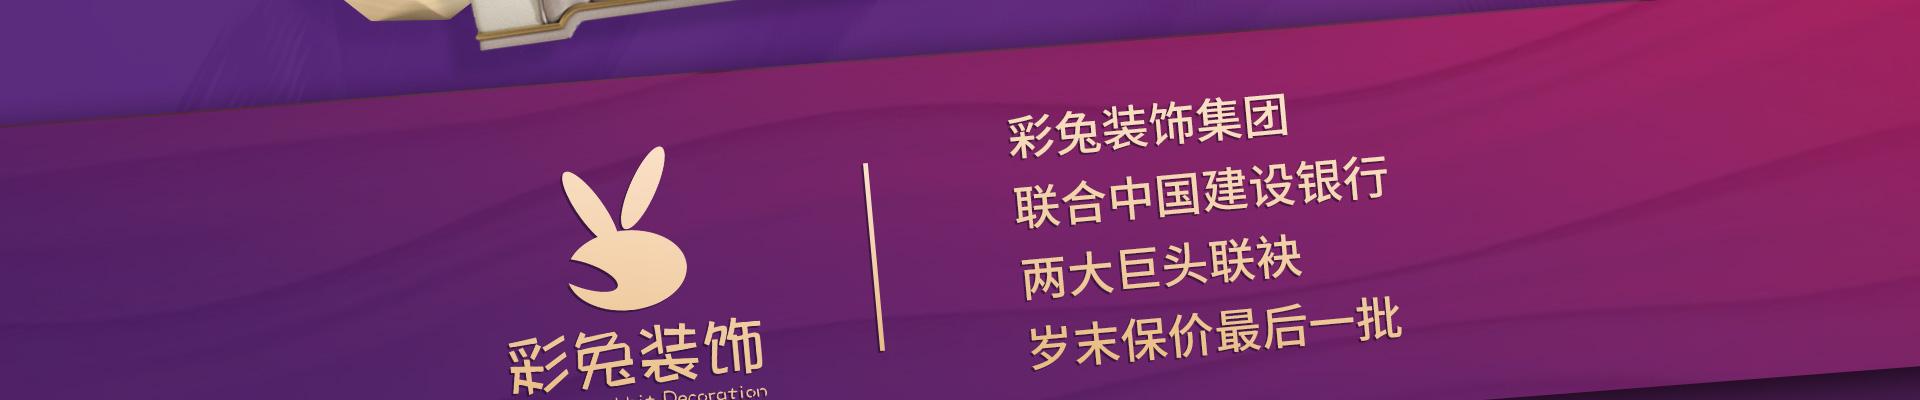 彩兔裝飾集團,聯合中國建設銀行